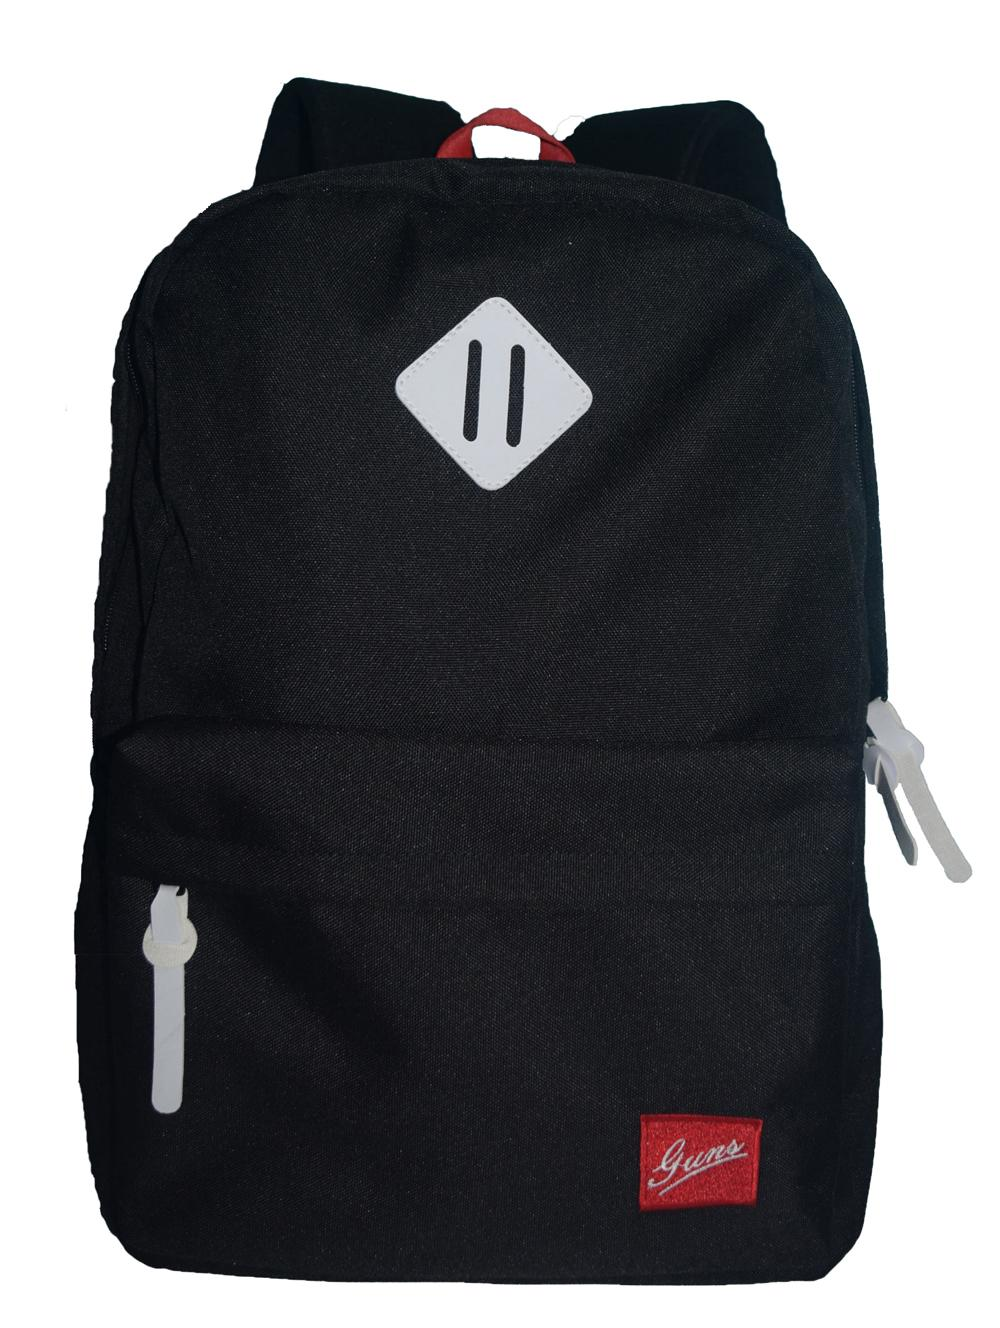 tas ransel keren tas laptop  tas sekolah tas punggung backpack distro original berkualitas